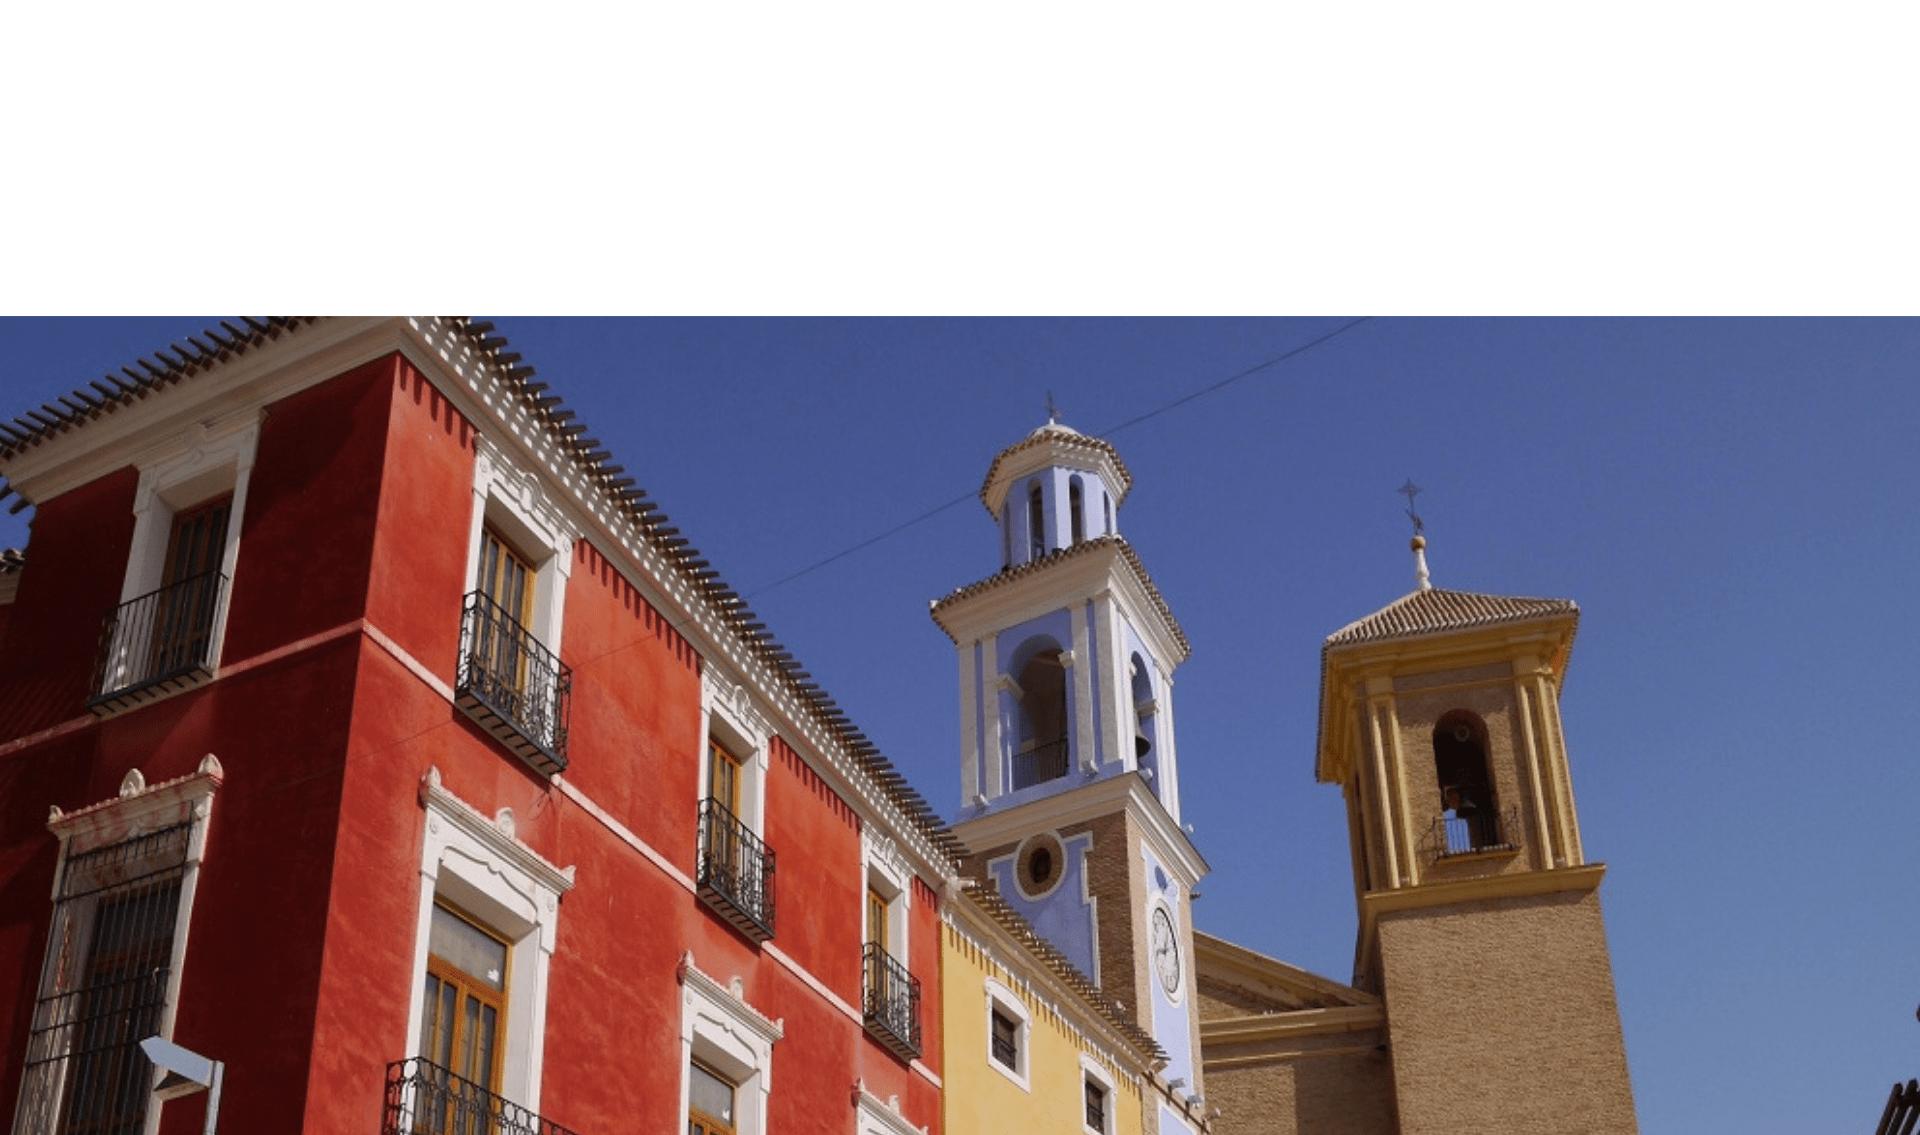 Fietsvakantie Murcia In het spoor van de Pelgrims